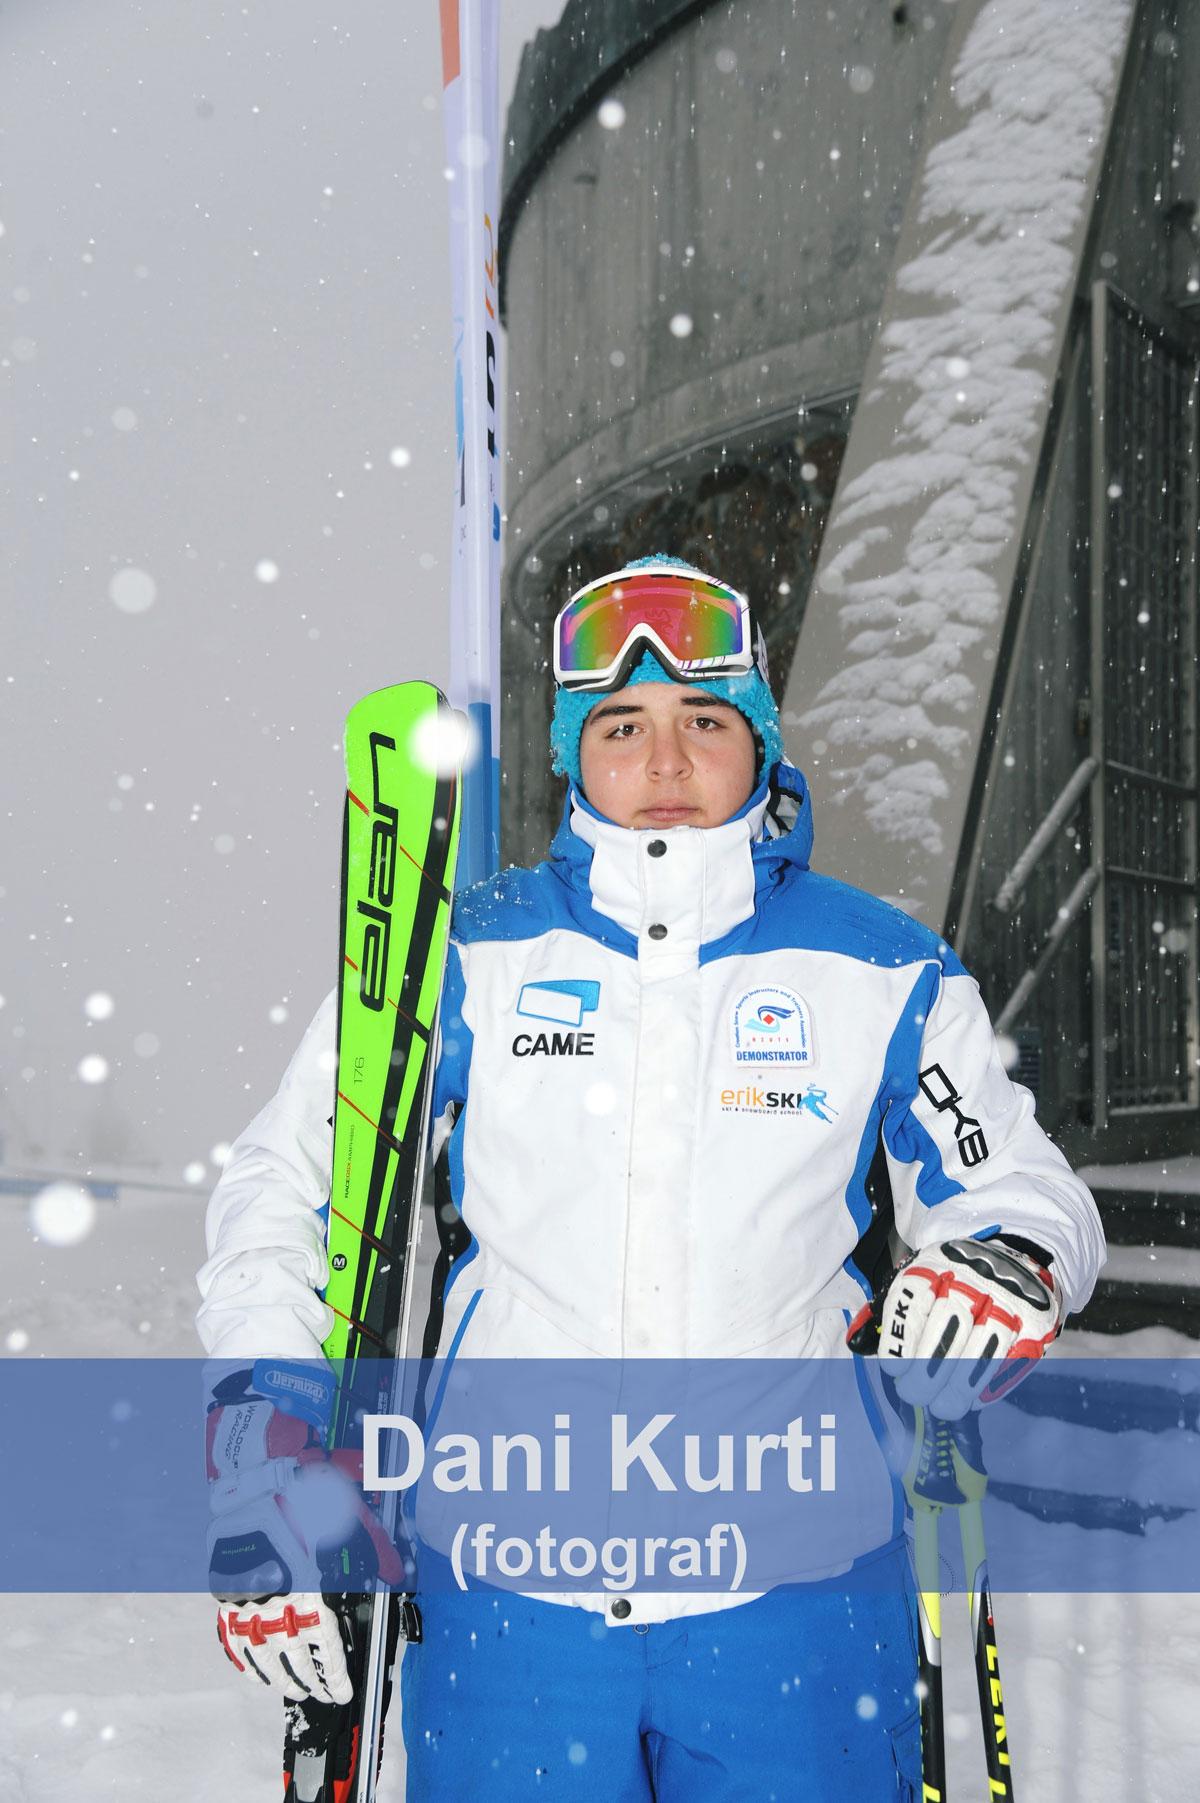 Dani Kurti